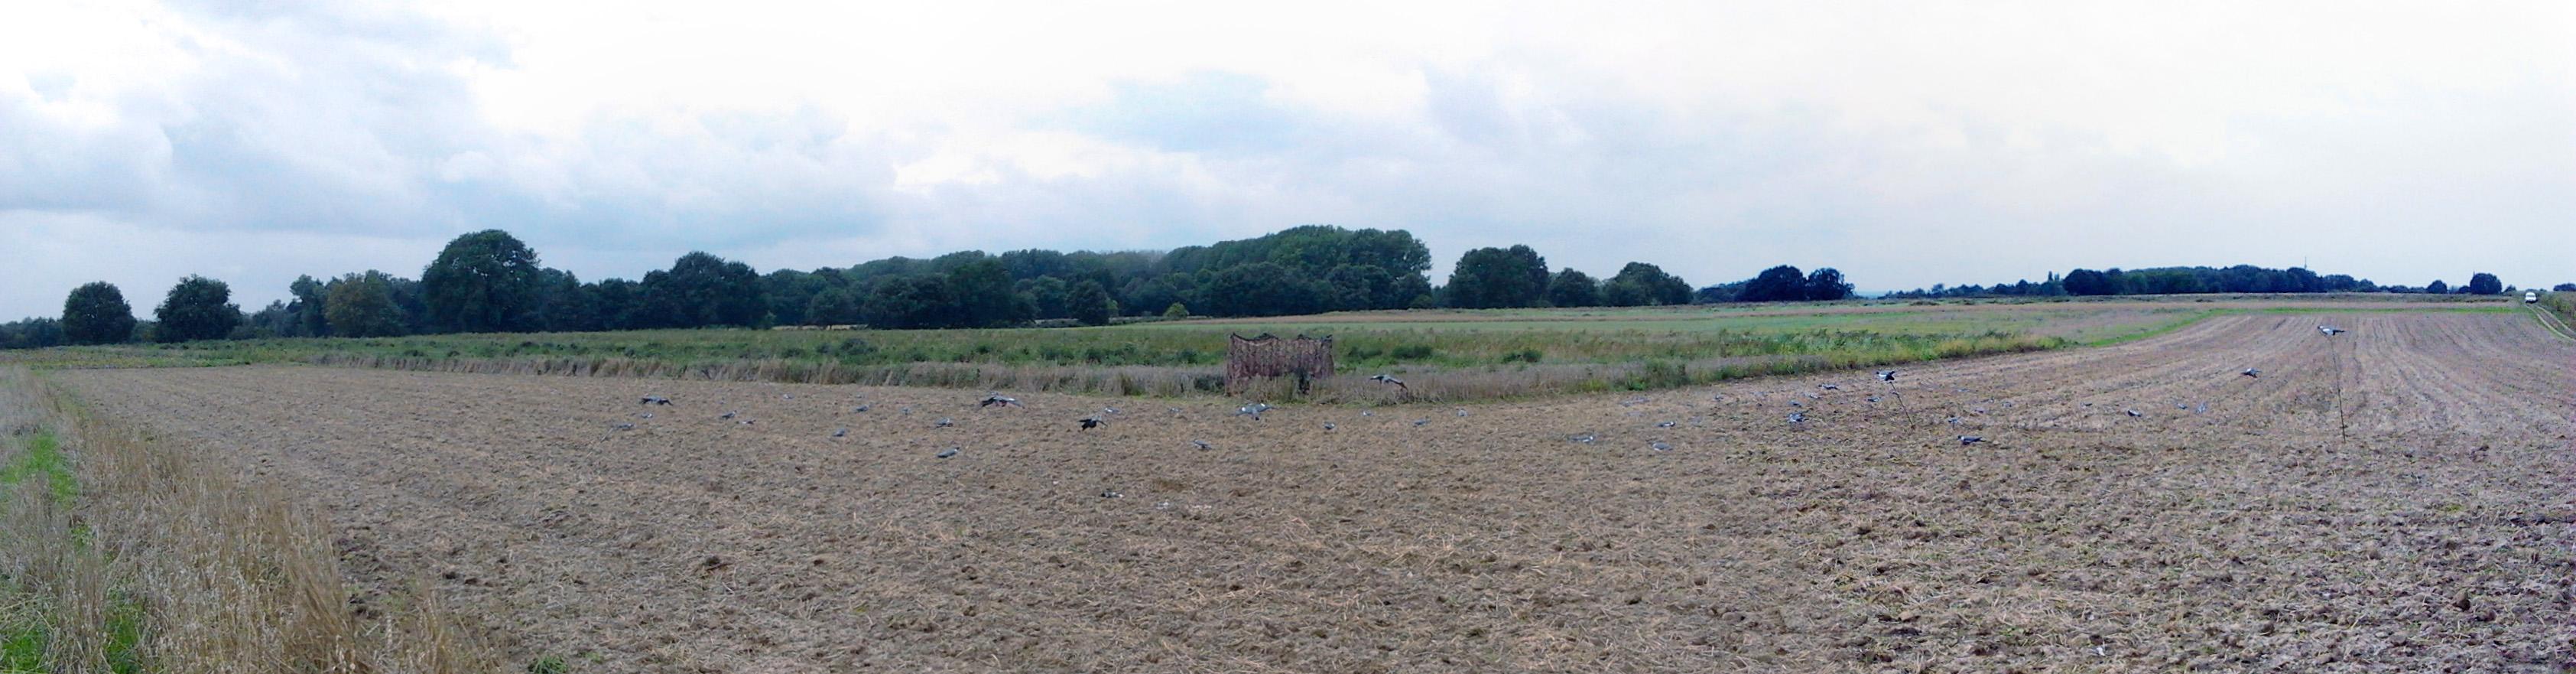 Panorama duivenjacht Kollenberg sept 2013